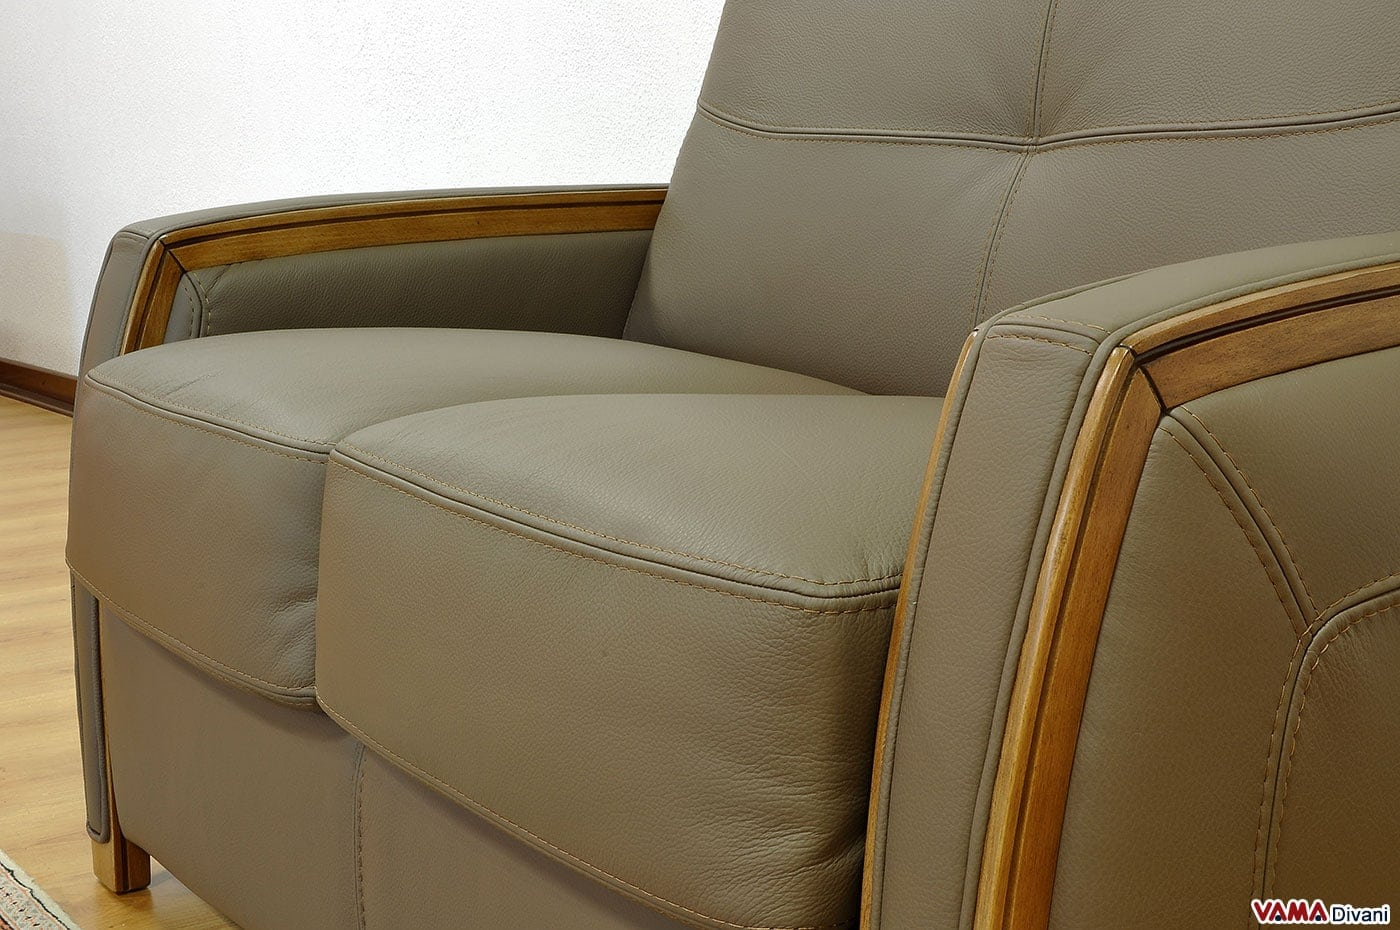 Divano letto pelle divano letto matrimoniale moderno in pelle for Divano letto in pelle prezzi